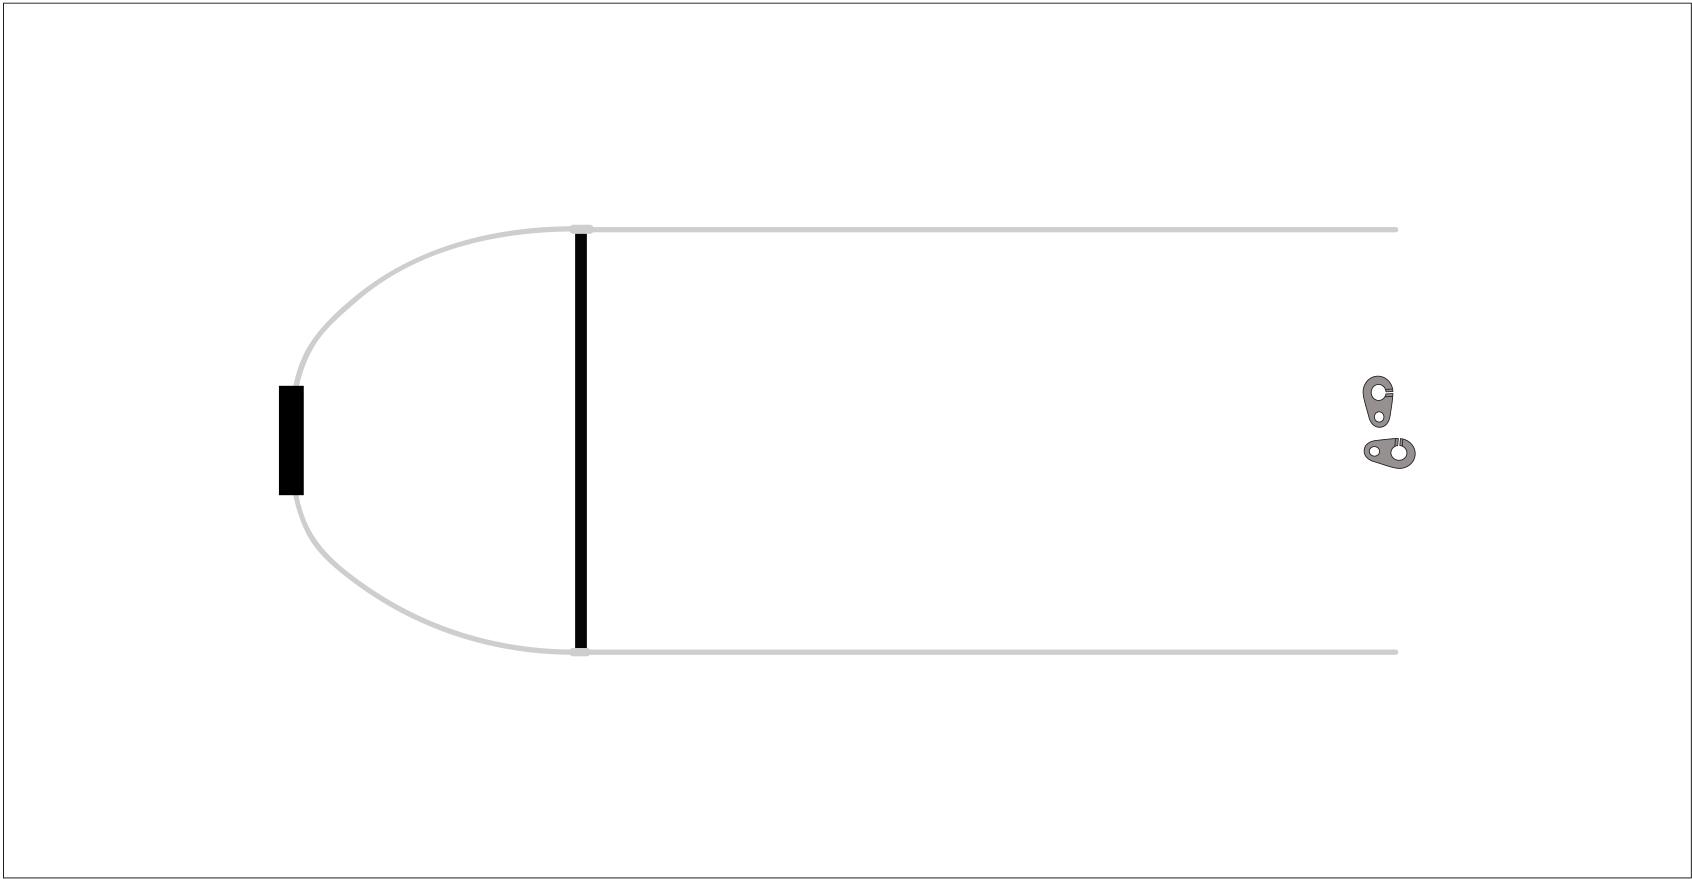 Двухступенчатый легкий акселератор для открытых подвесок